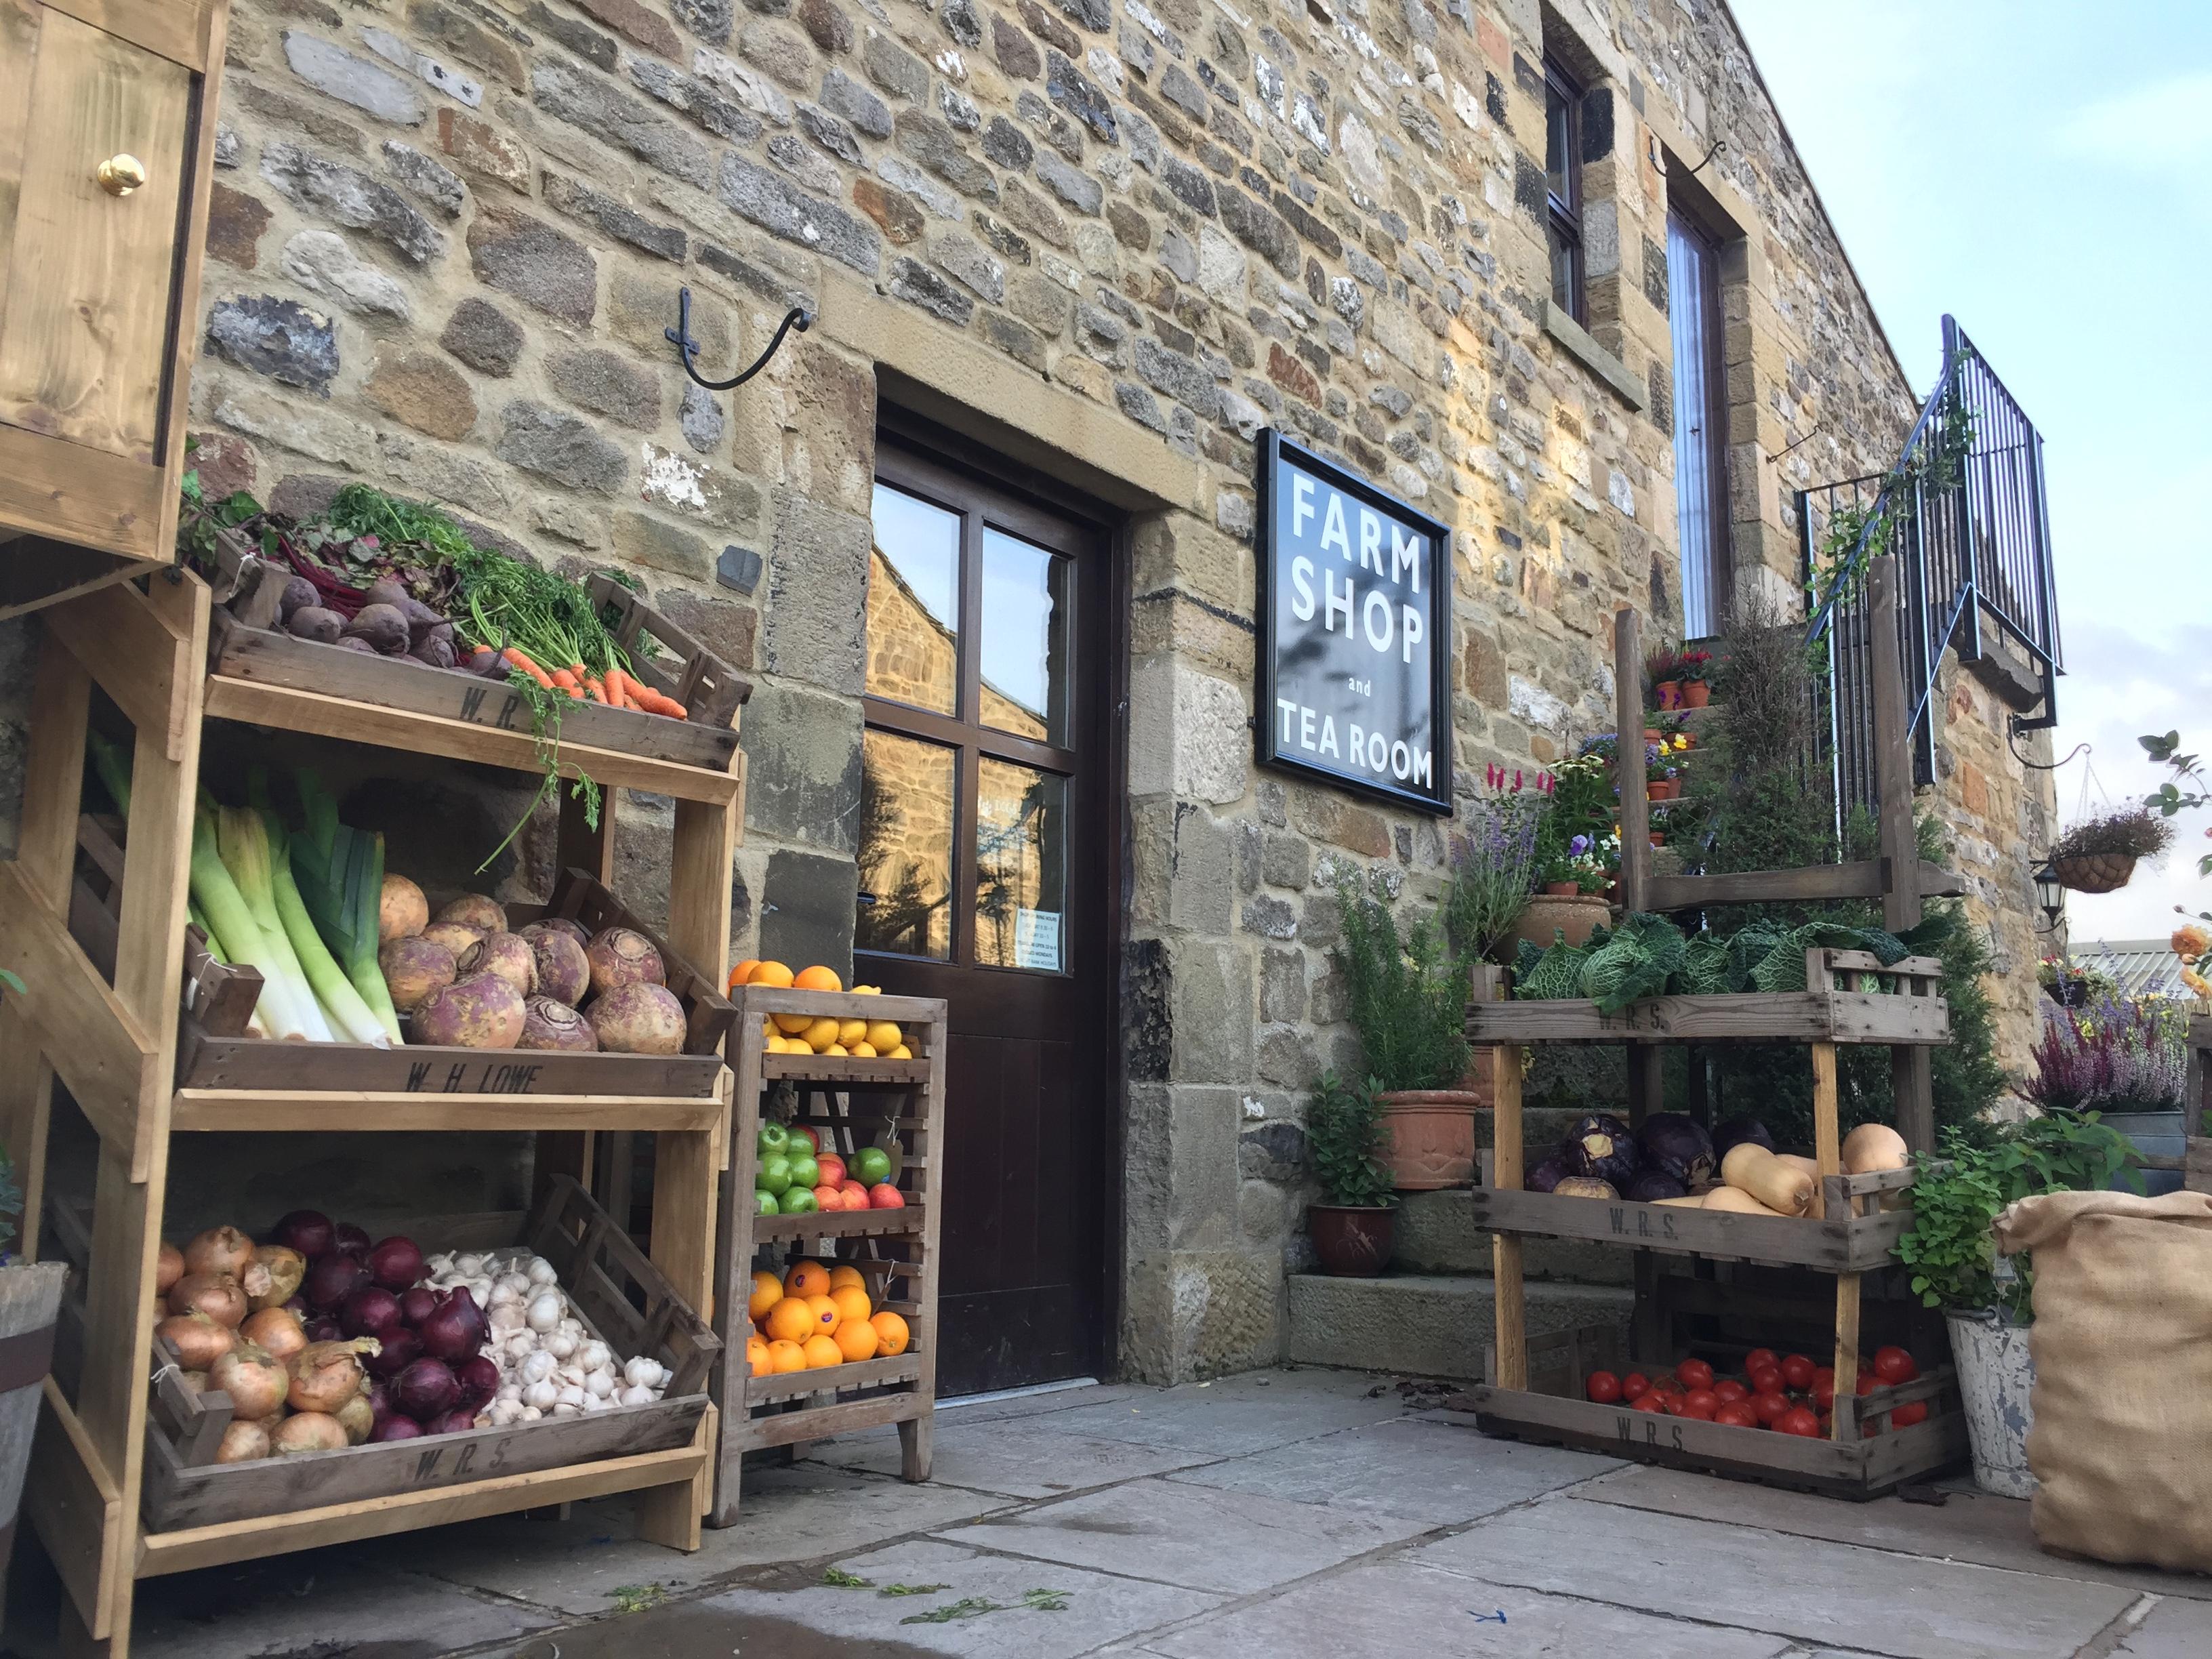 town end farm shop finest in the deli BBC